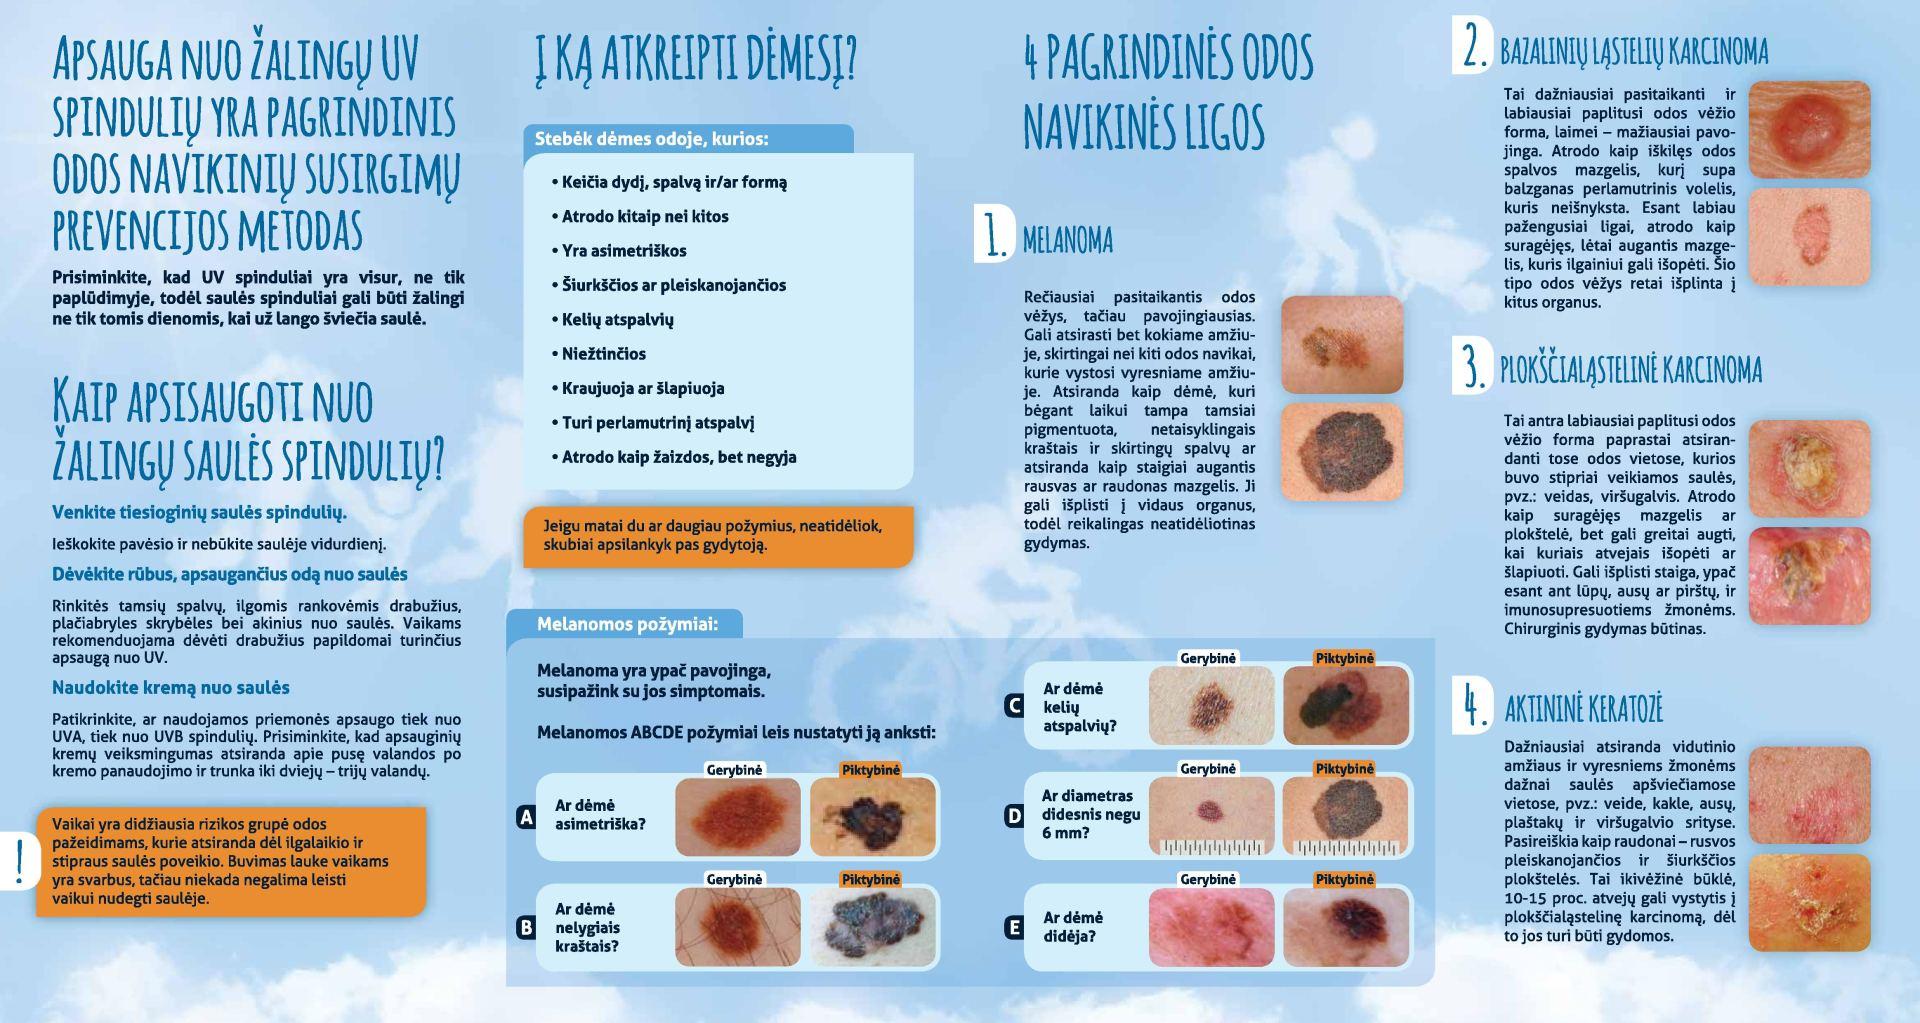 Grybelines odos ligos kaip gydyti